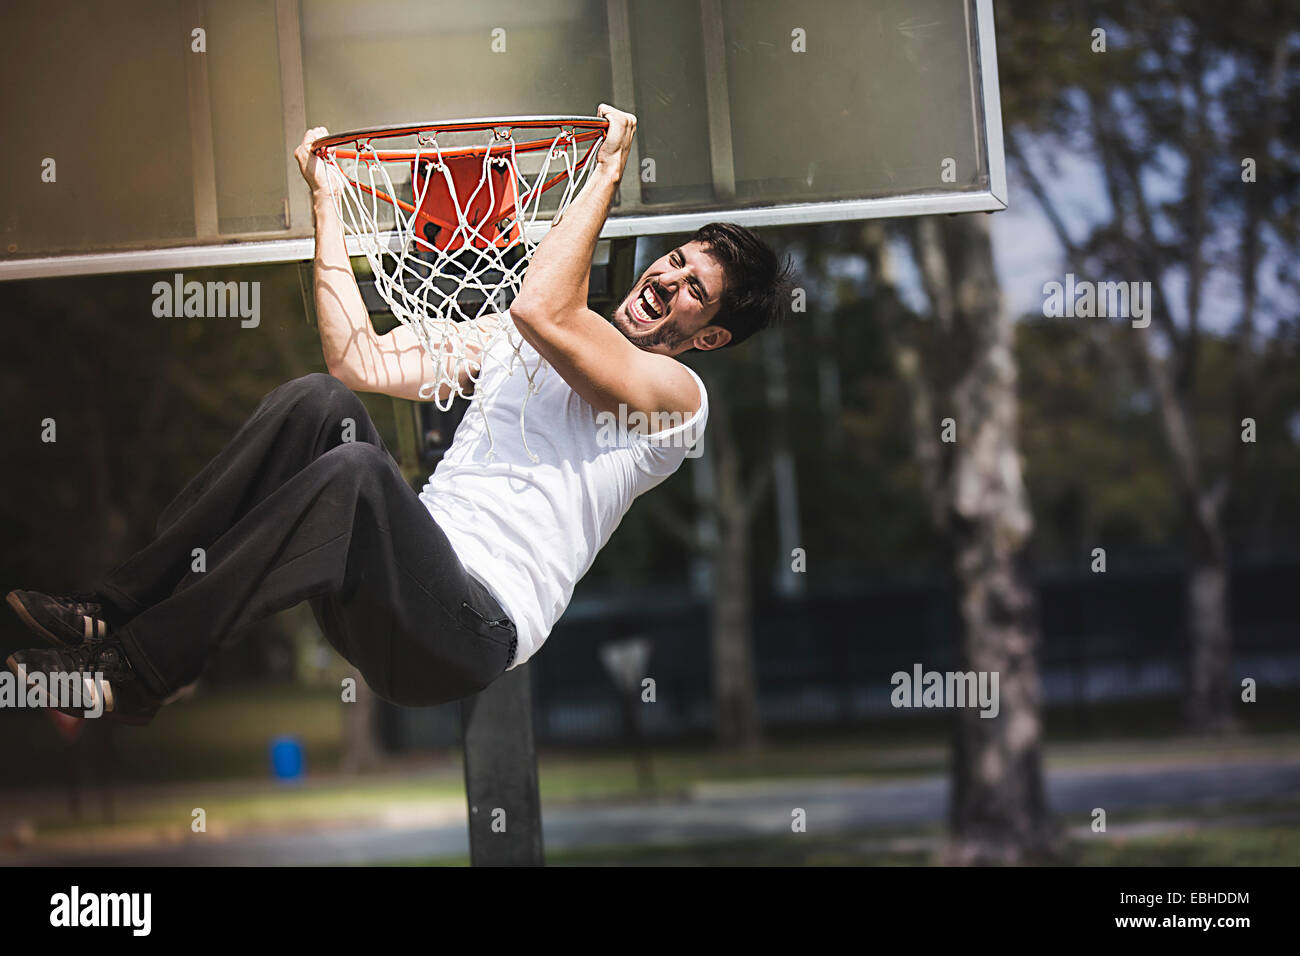 Jóvenes de baloncesto masculino colgando de baloncesto Imagen De Stock